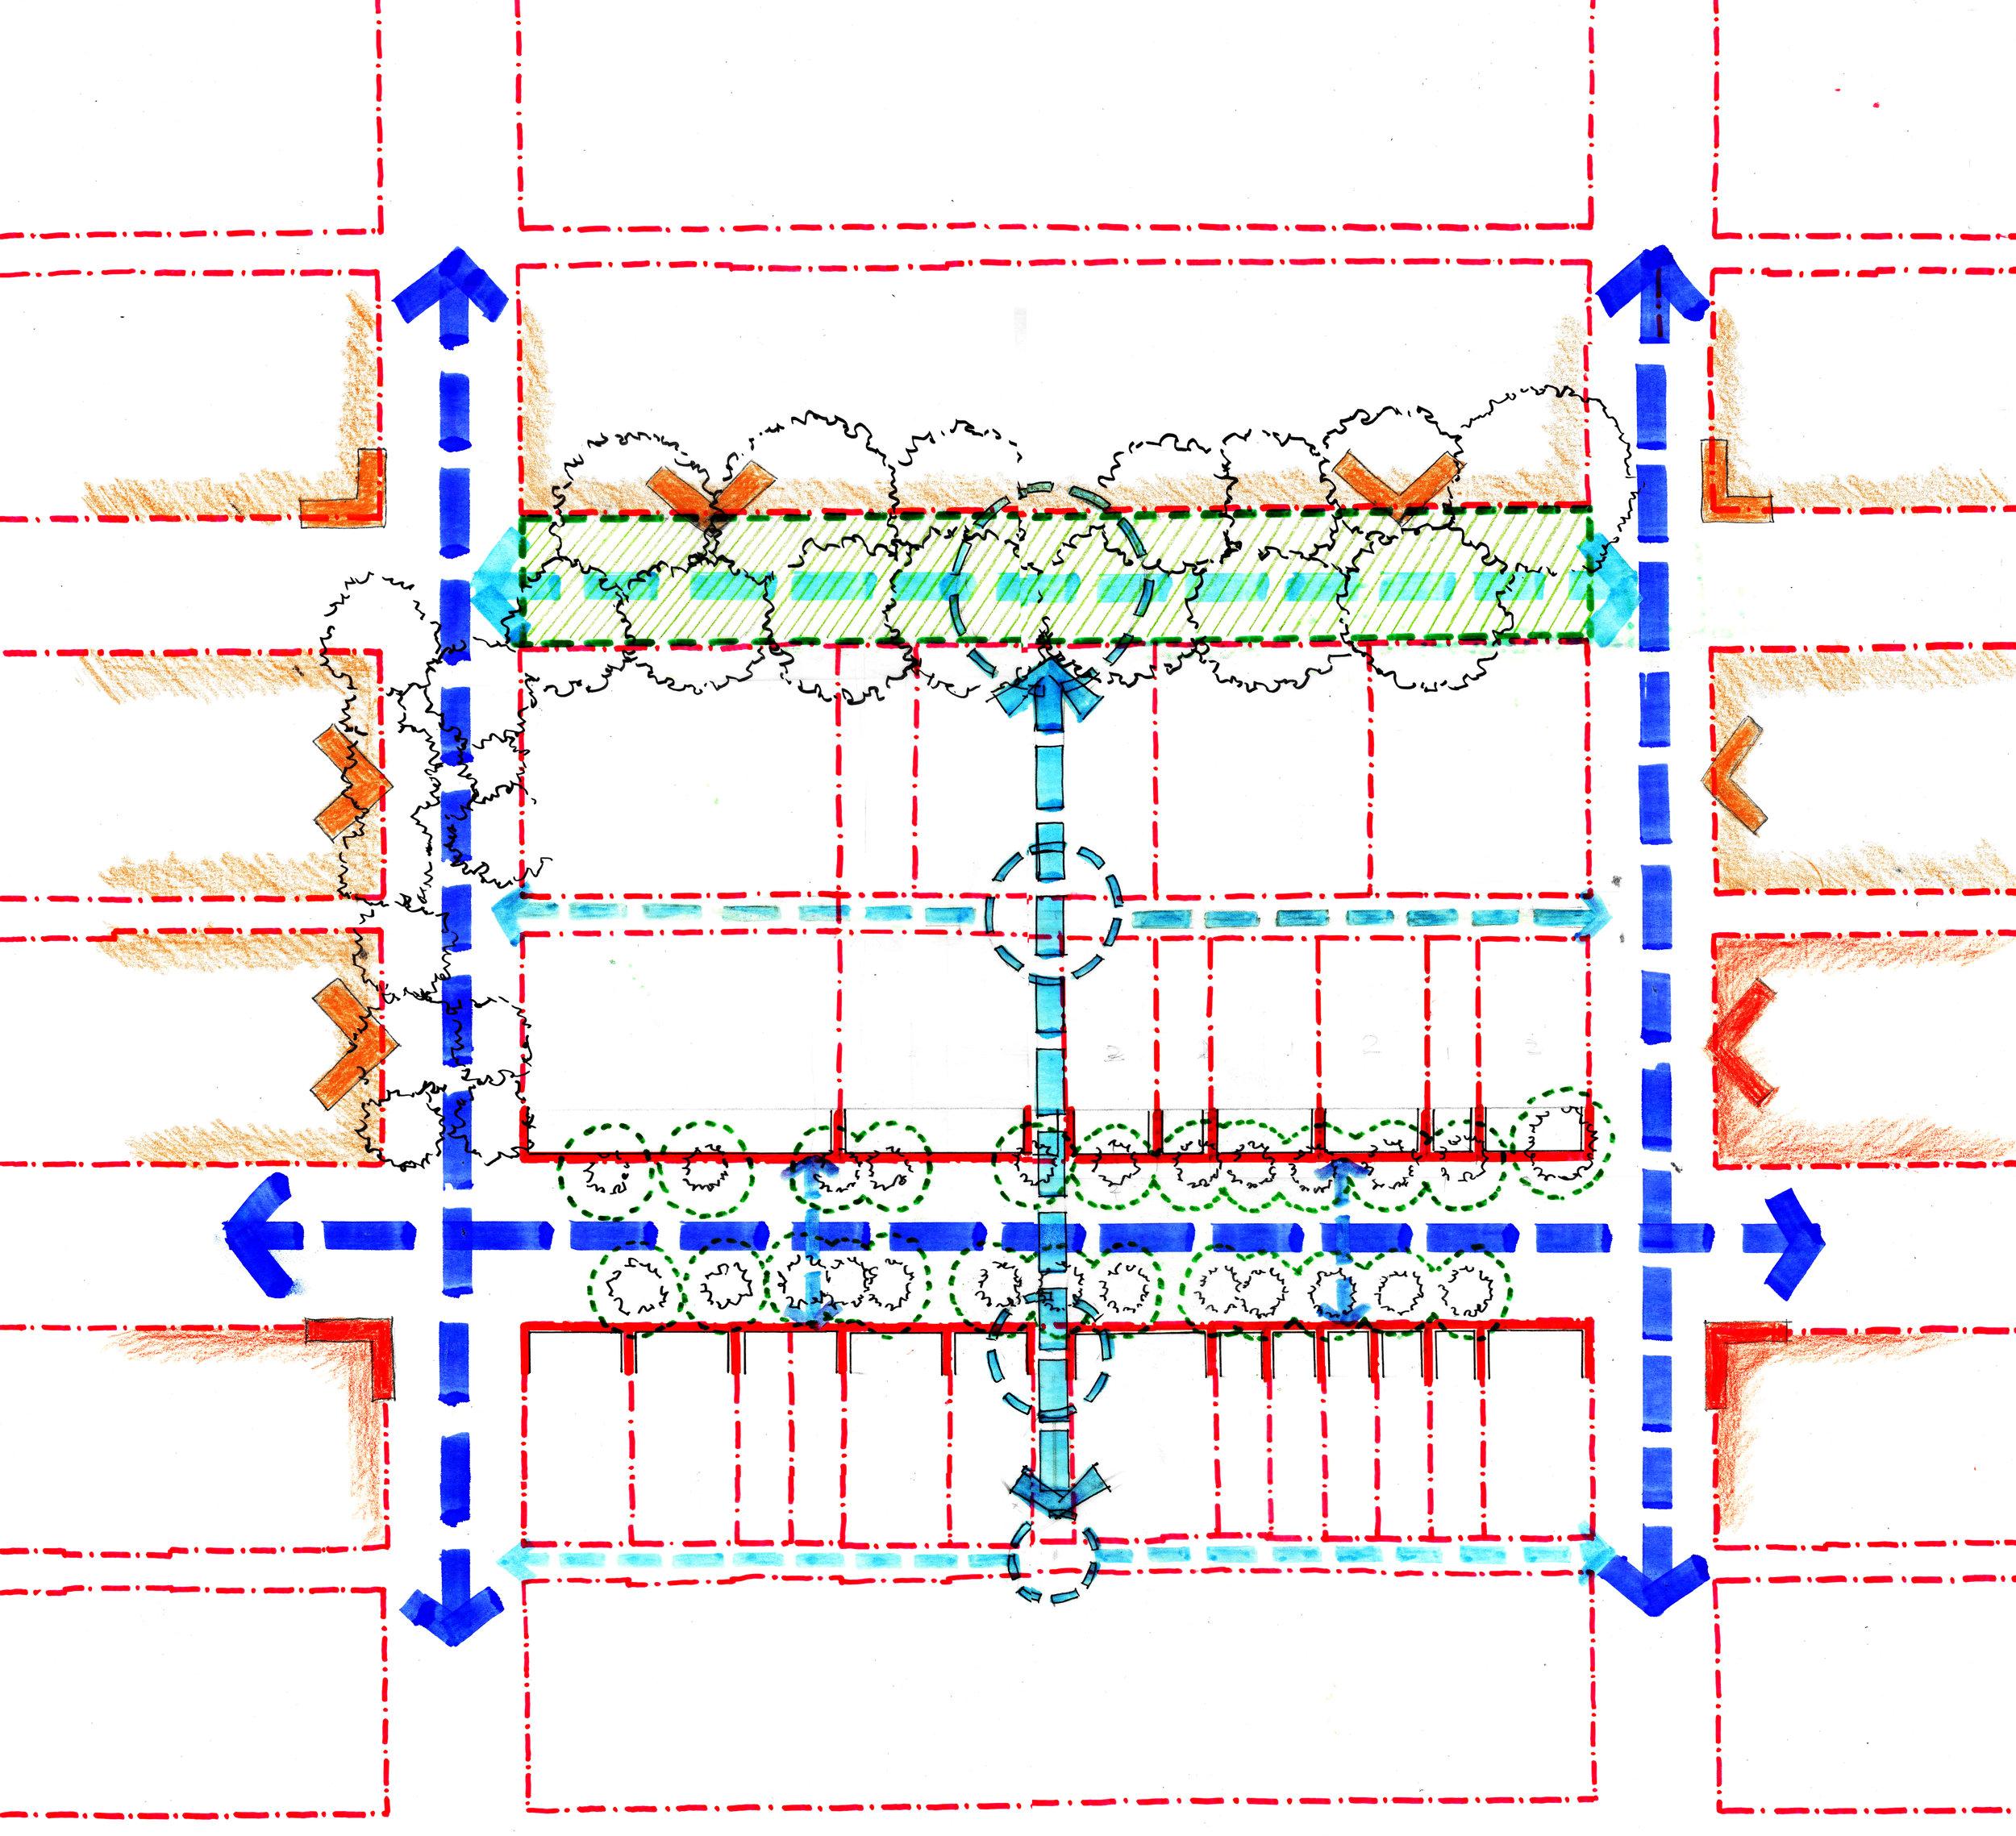 Chpt 4 Large Plan.jpg